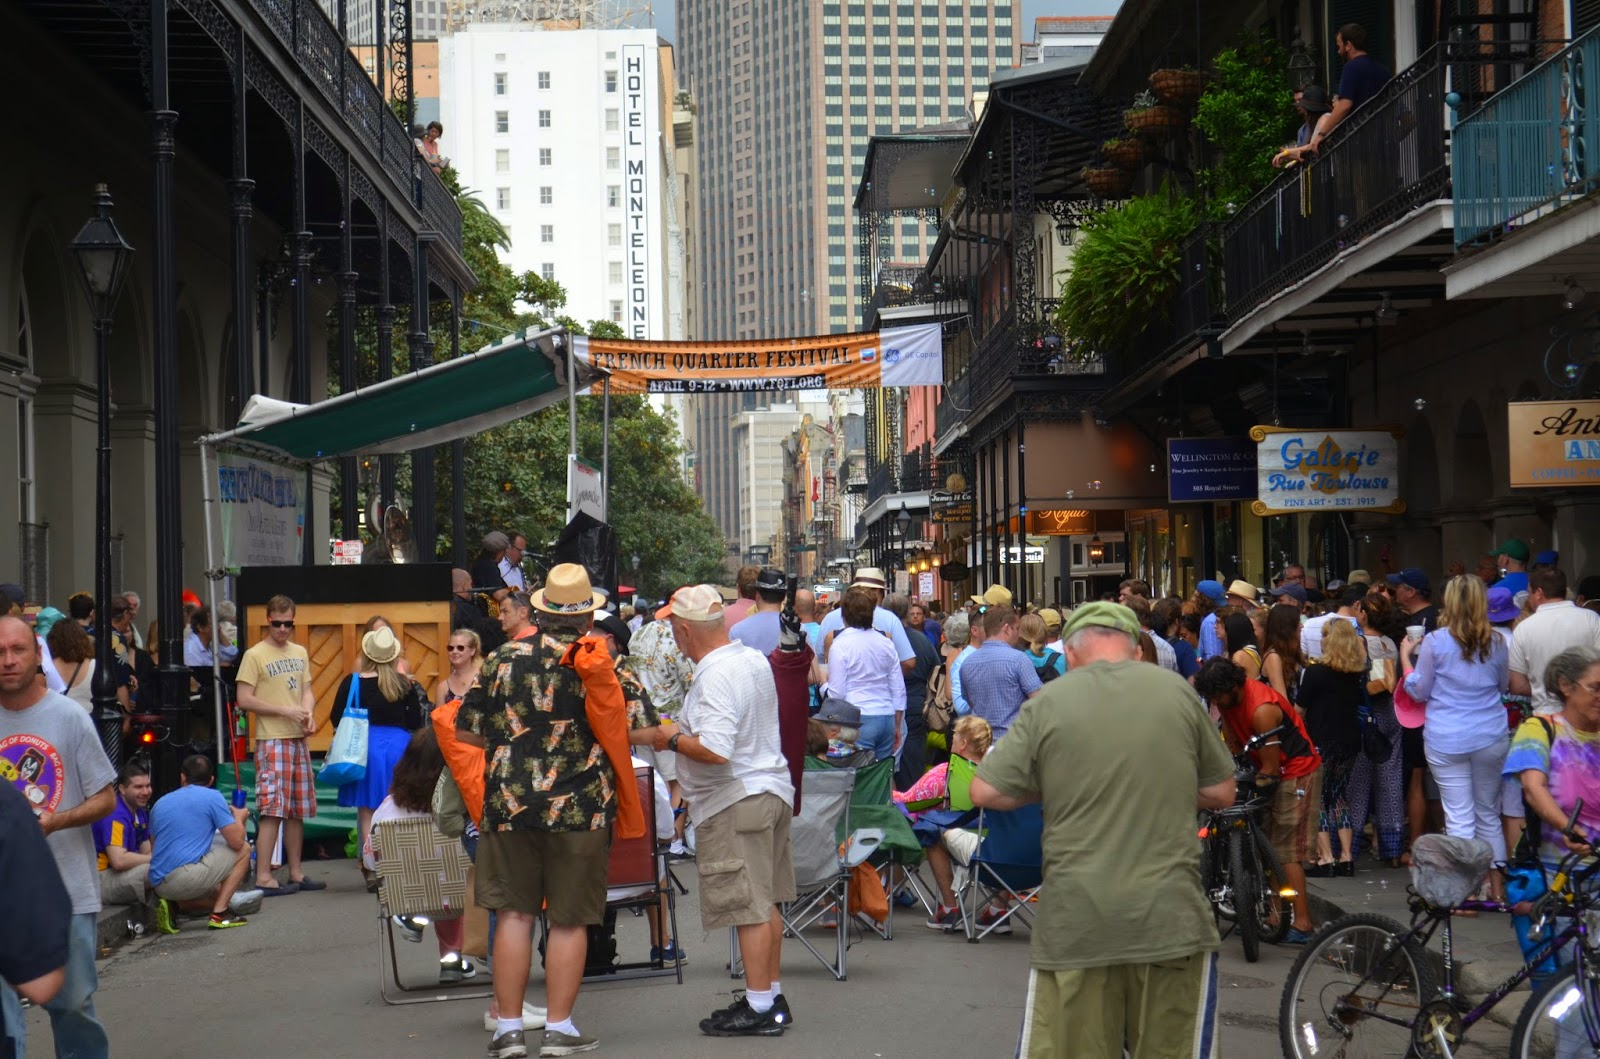 French Quarter Festival Street Style